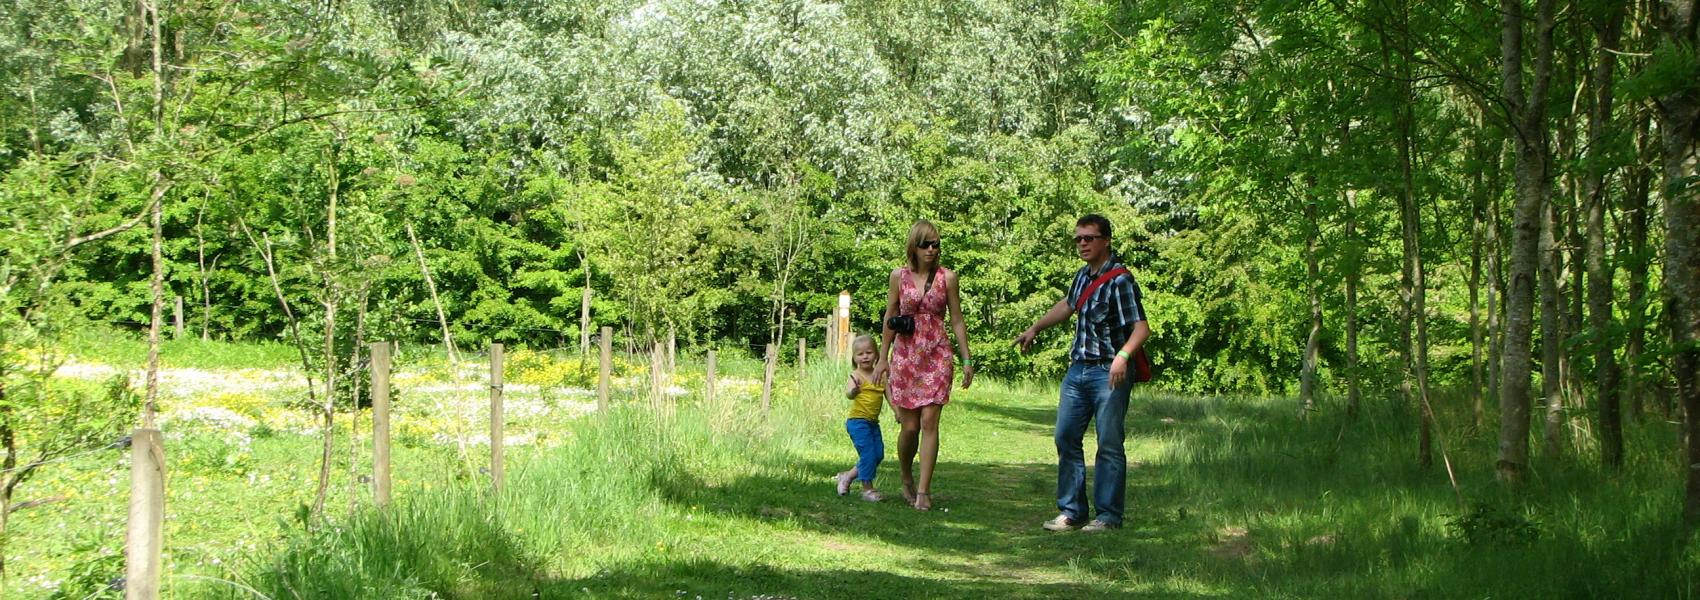 wandelaars in het orveytbos